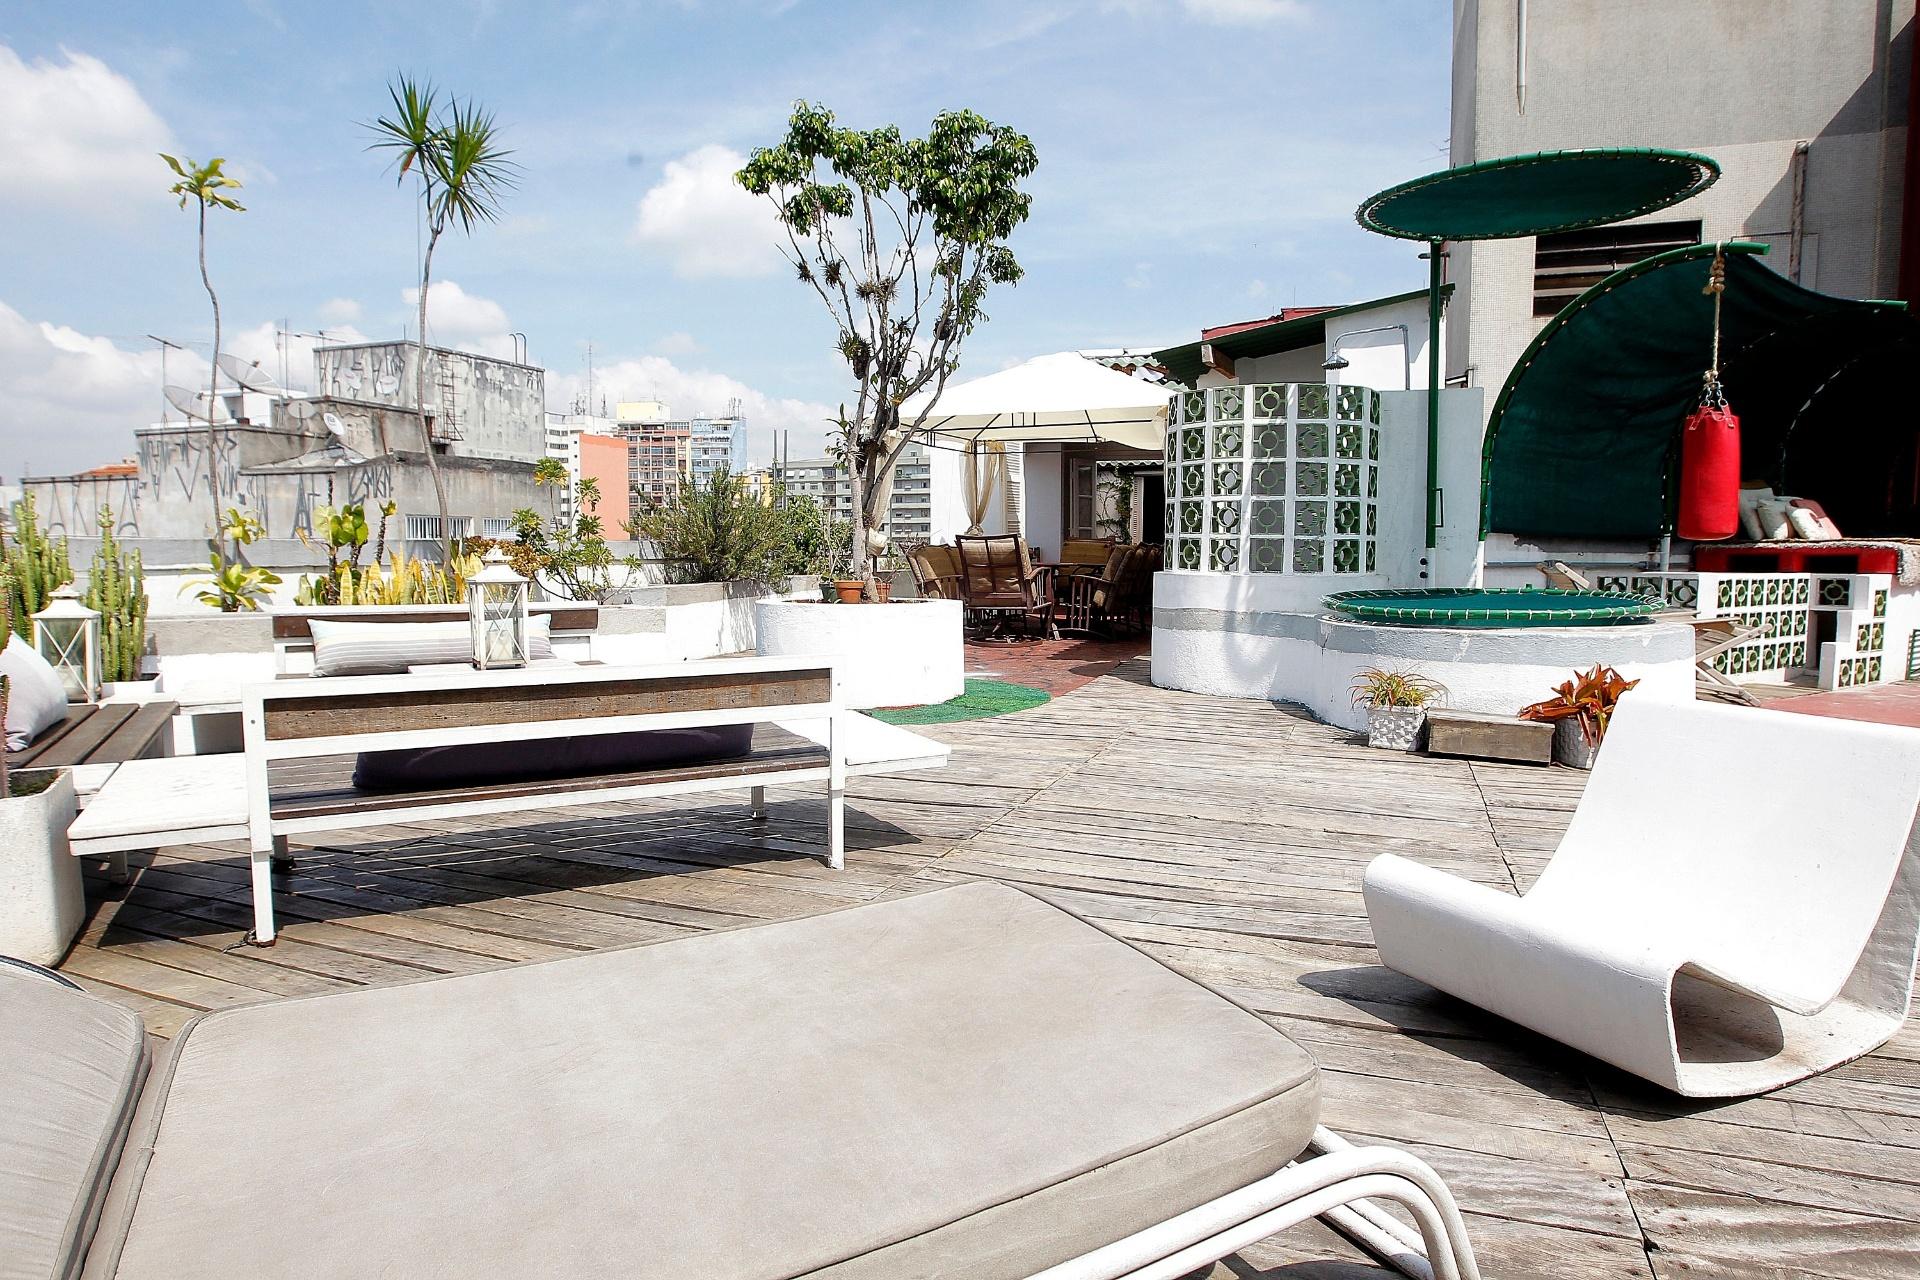 O piso da cobertura, que lembra um deck, é feito com tábuas de peroba de demolição.